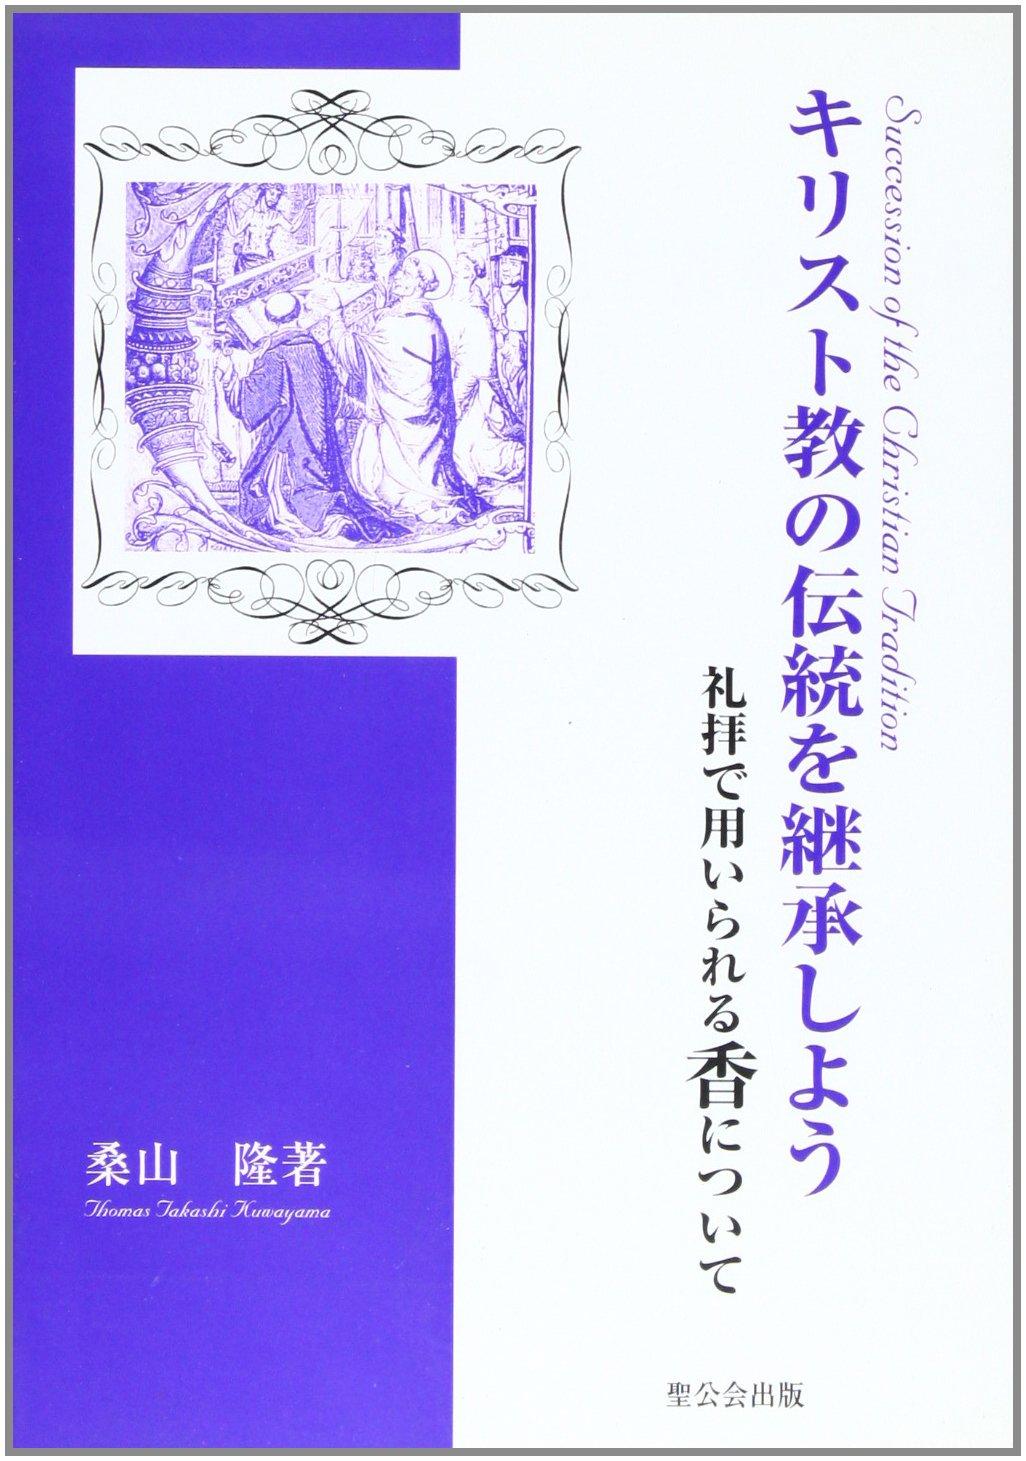 【送料無料】キリスト教の伝統を継承しよう - 礼拝で用いられる香についての商品画像